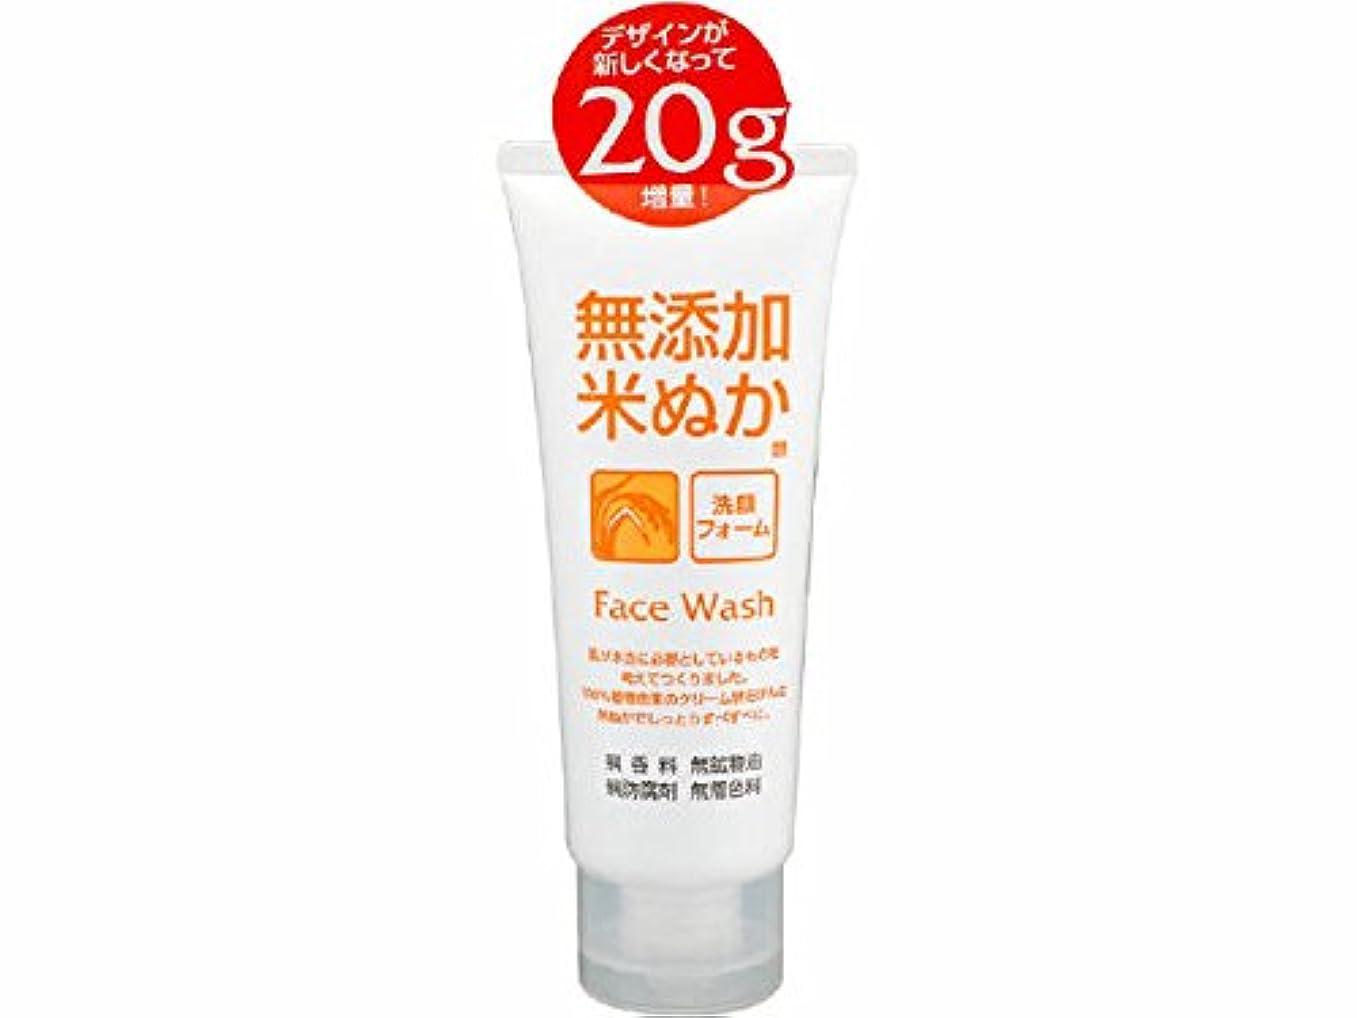 巻き戻す近く霧ロゼット(ROSETTE) 無添加米ぬか 洗顔フォーム 140g 100%植物由来のクリーム状石けんに米ぬかエキスを配合した洗顔フォーム×48点セット (4901696534069)